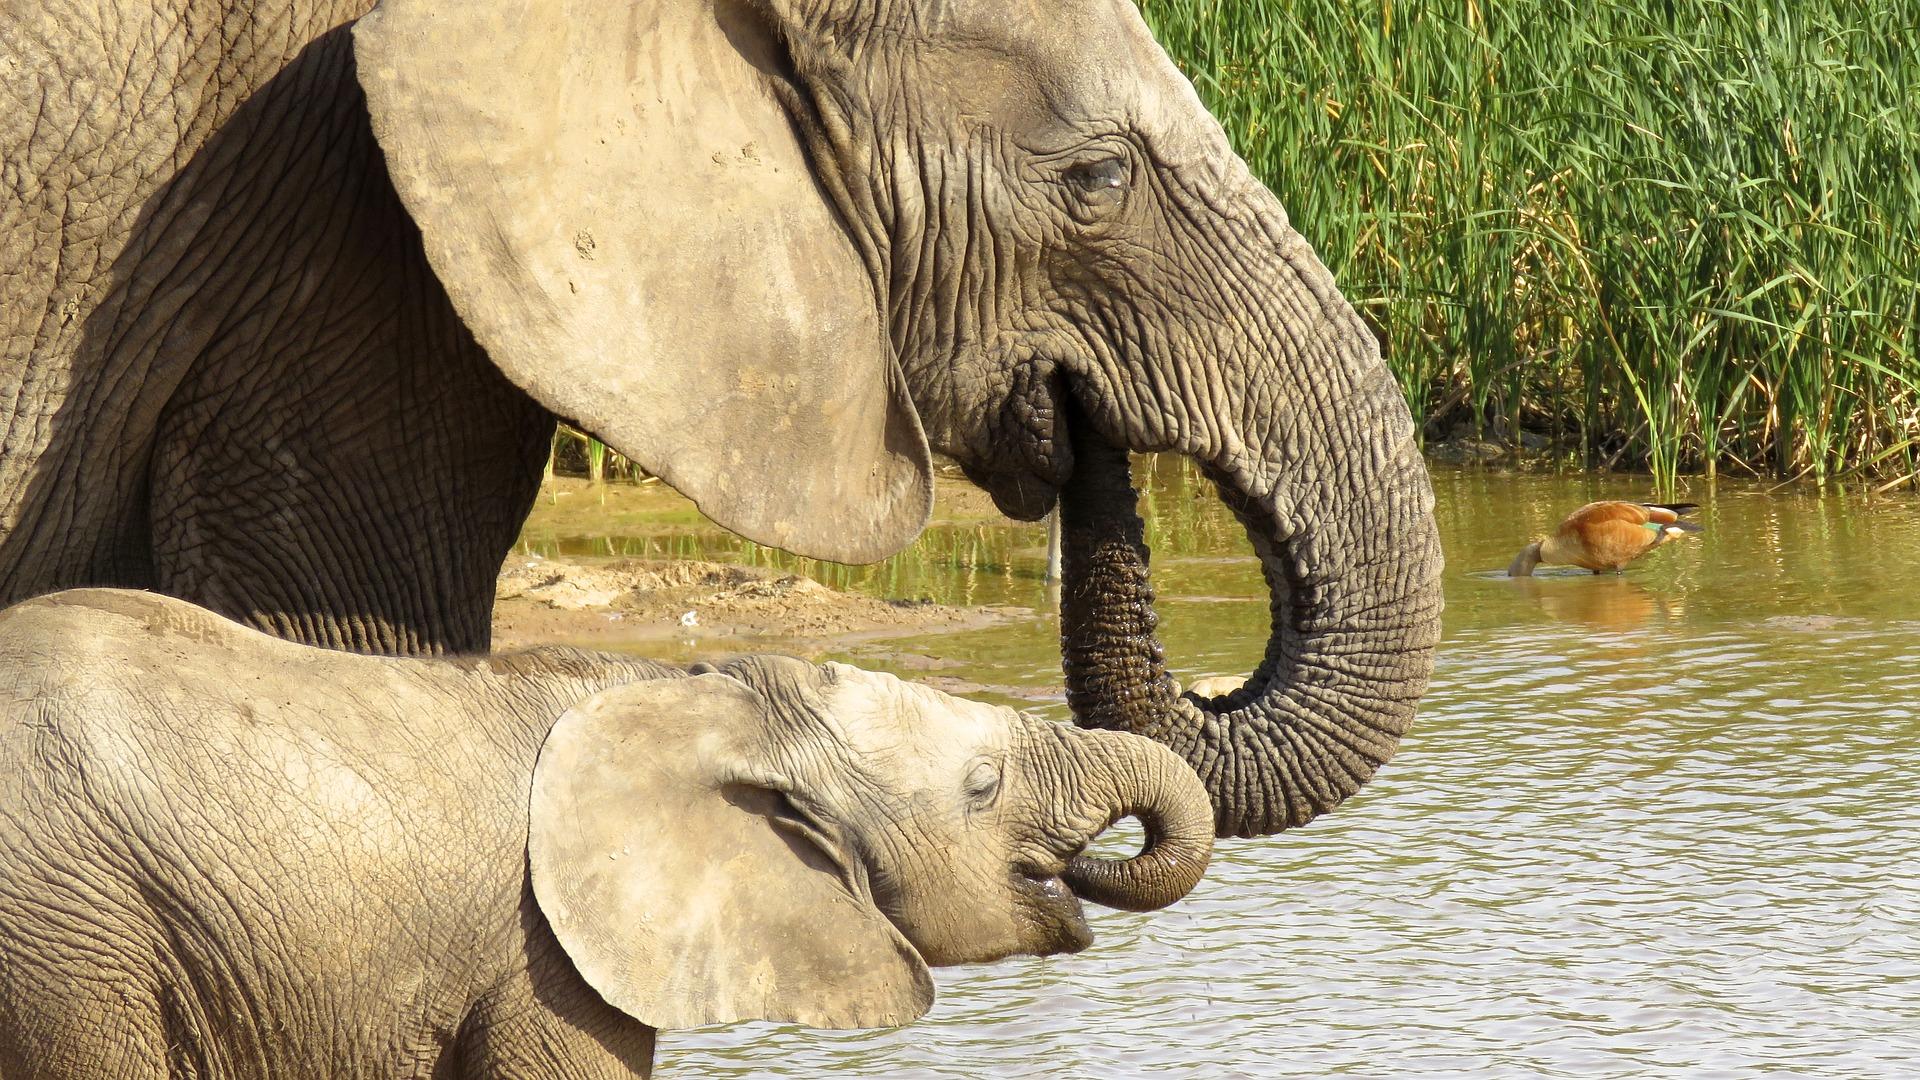 dlaczego słoń ma zmarszczki, po co słoniom zmarszczki, budowa słonia, ile żyje, animalistka, animalistka.pl, blog o zwierzętach